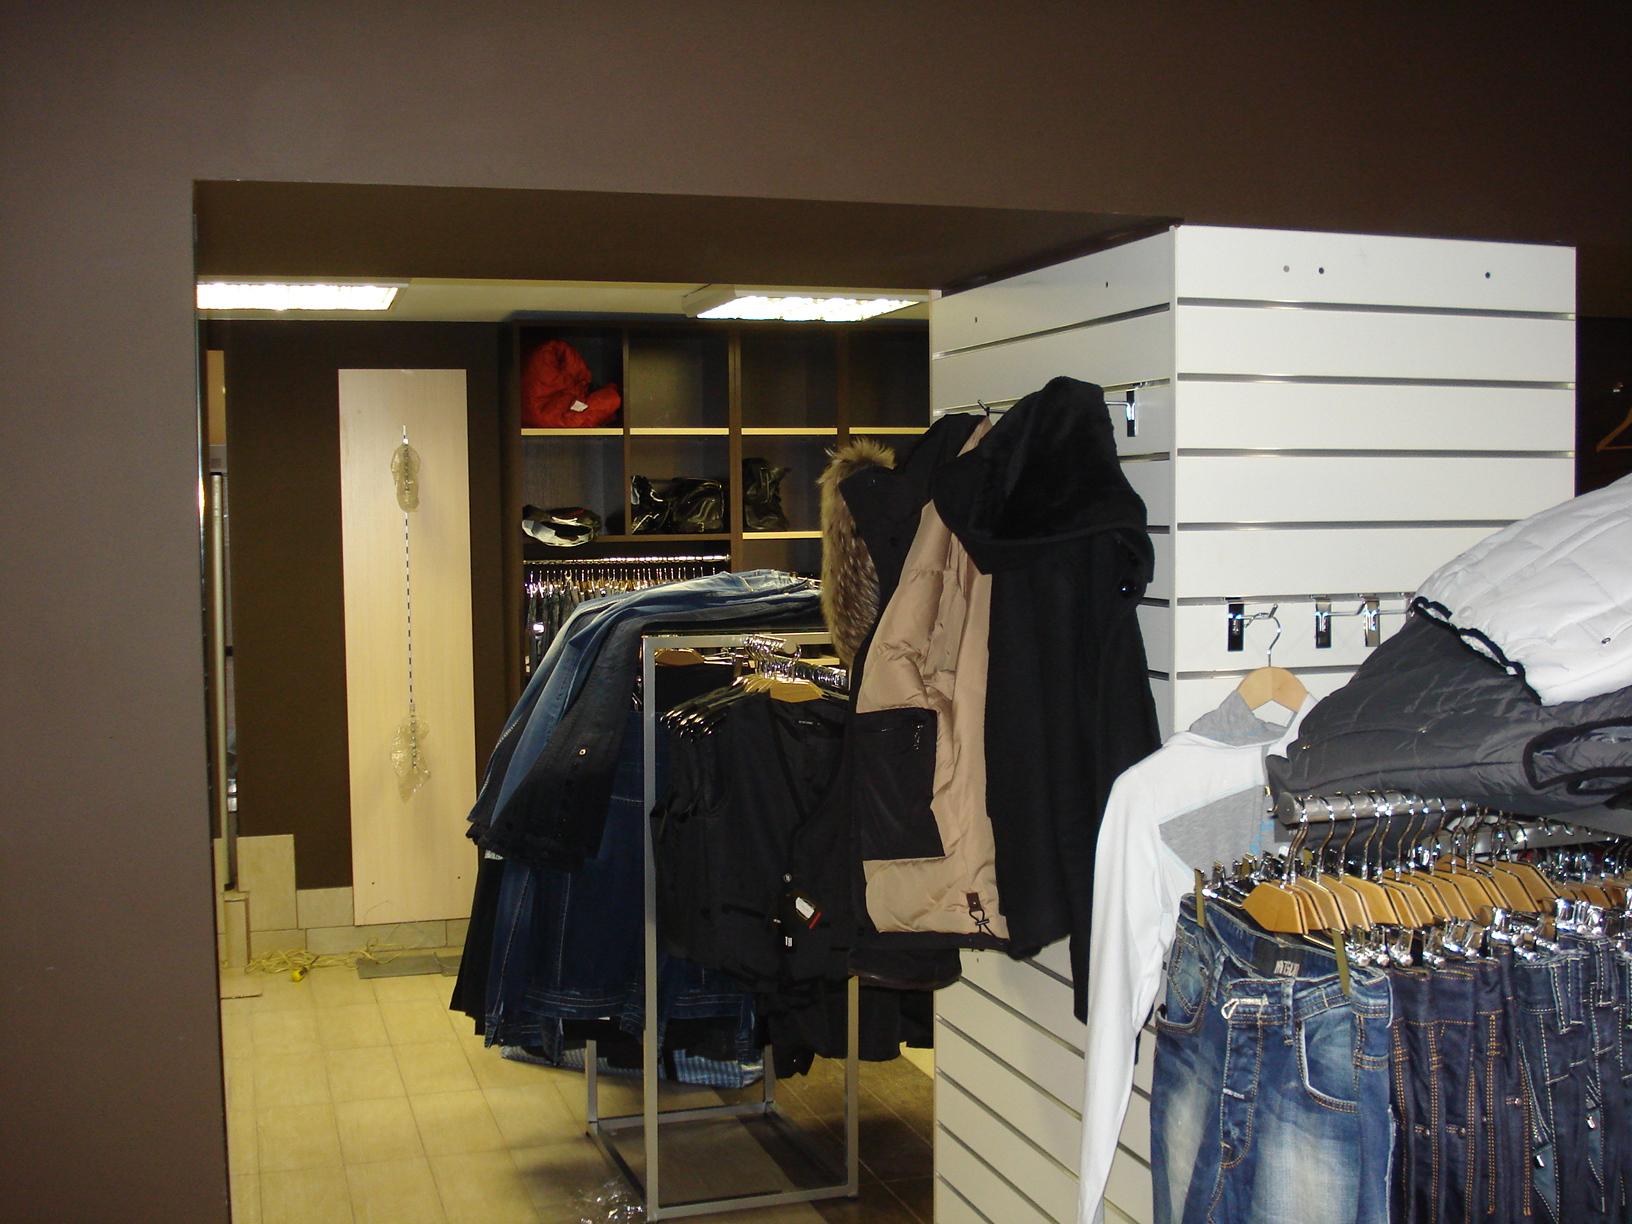 оснащение магазина одежды